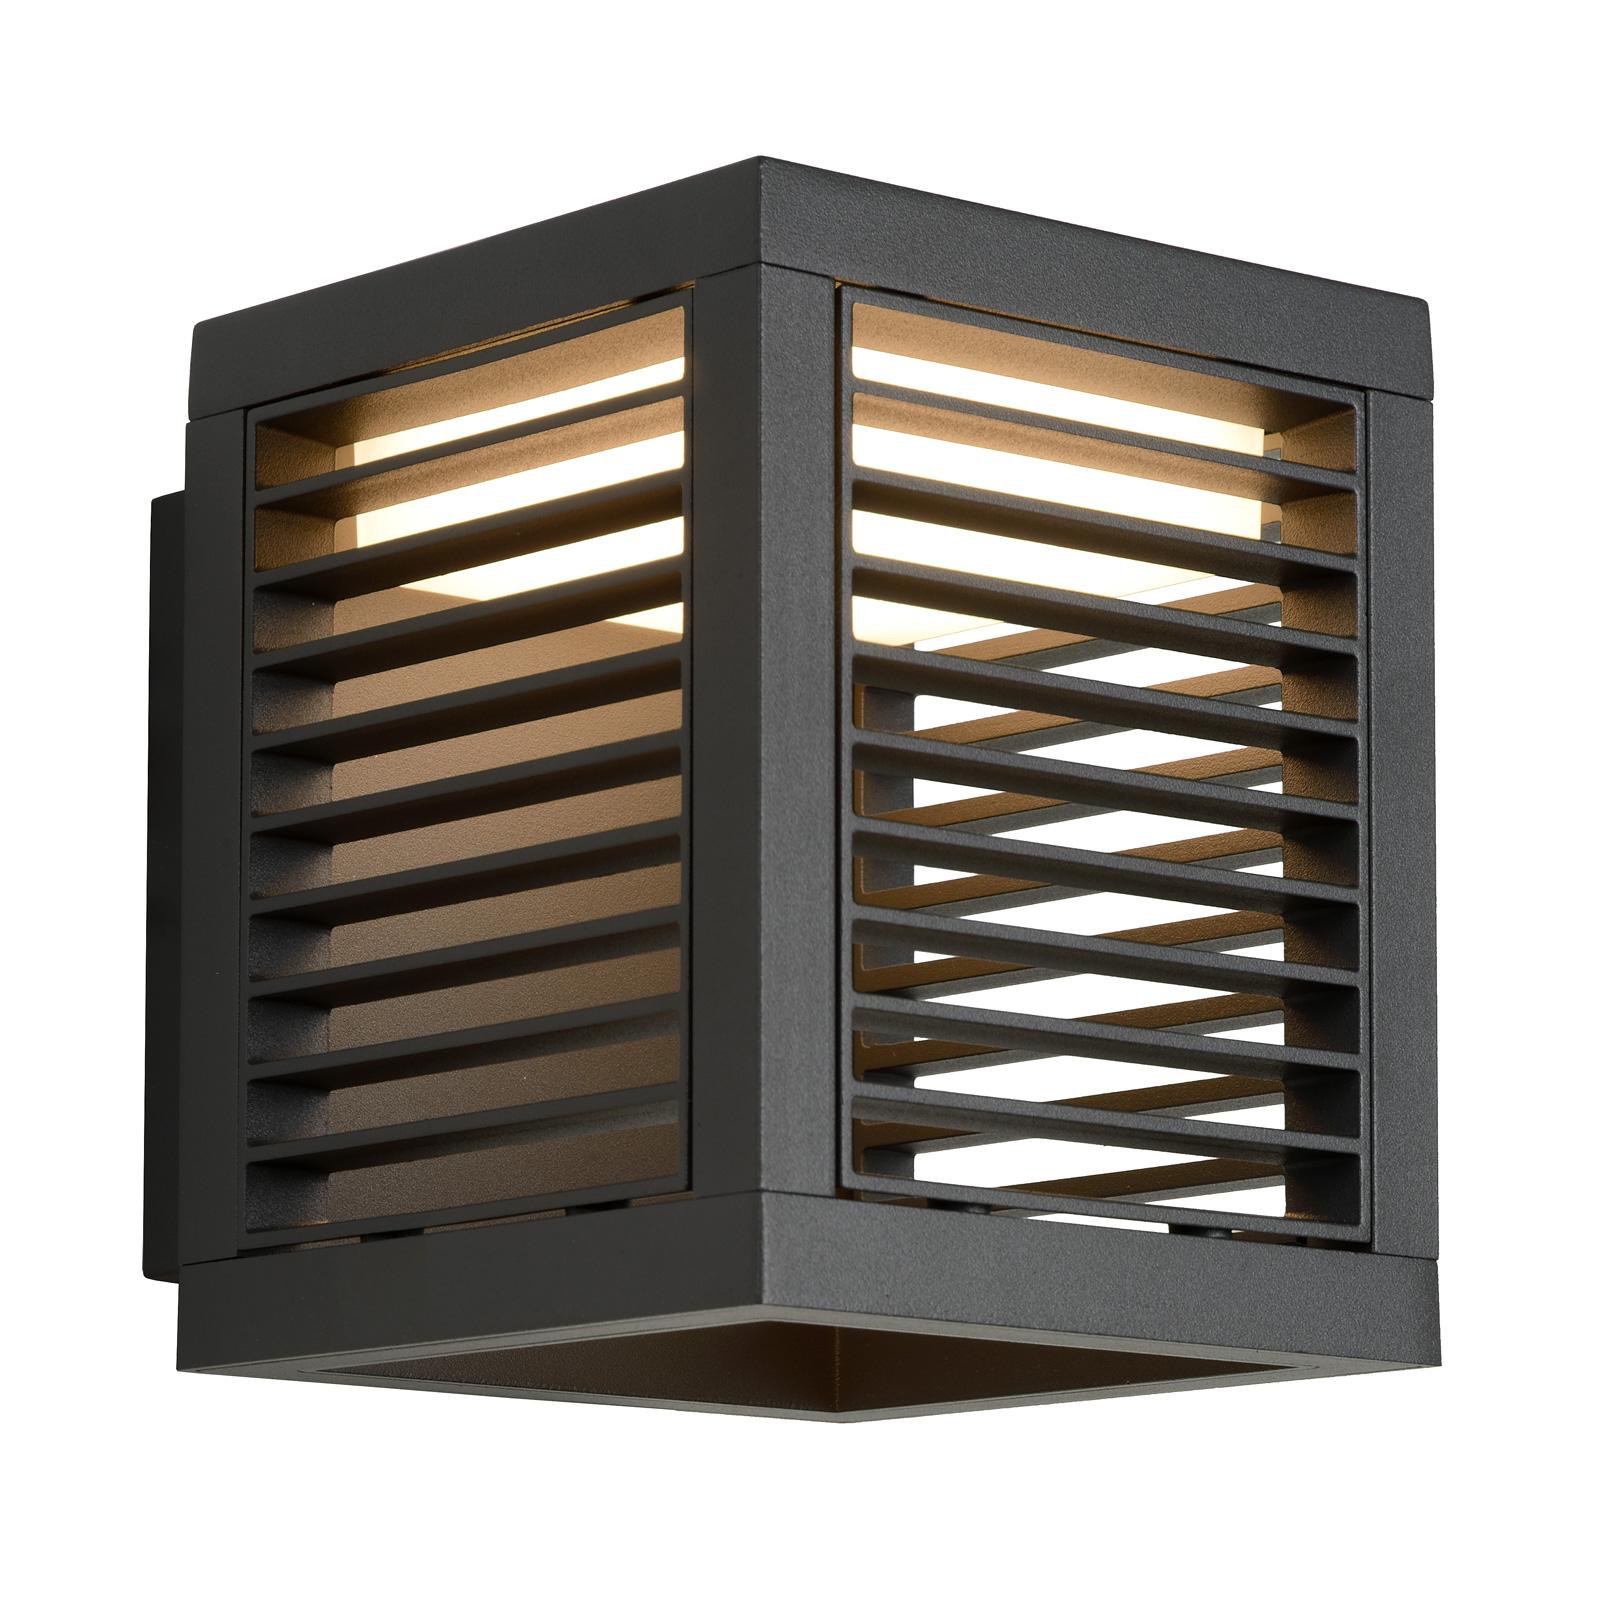 Applique LED extérieur Slits IP54 anthracite